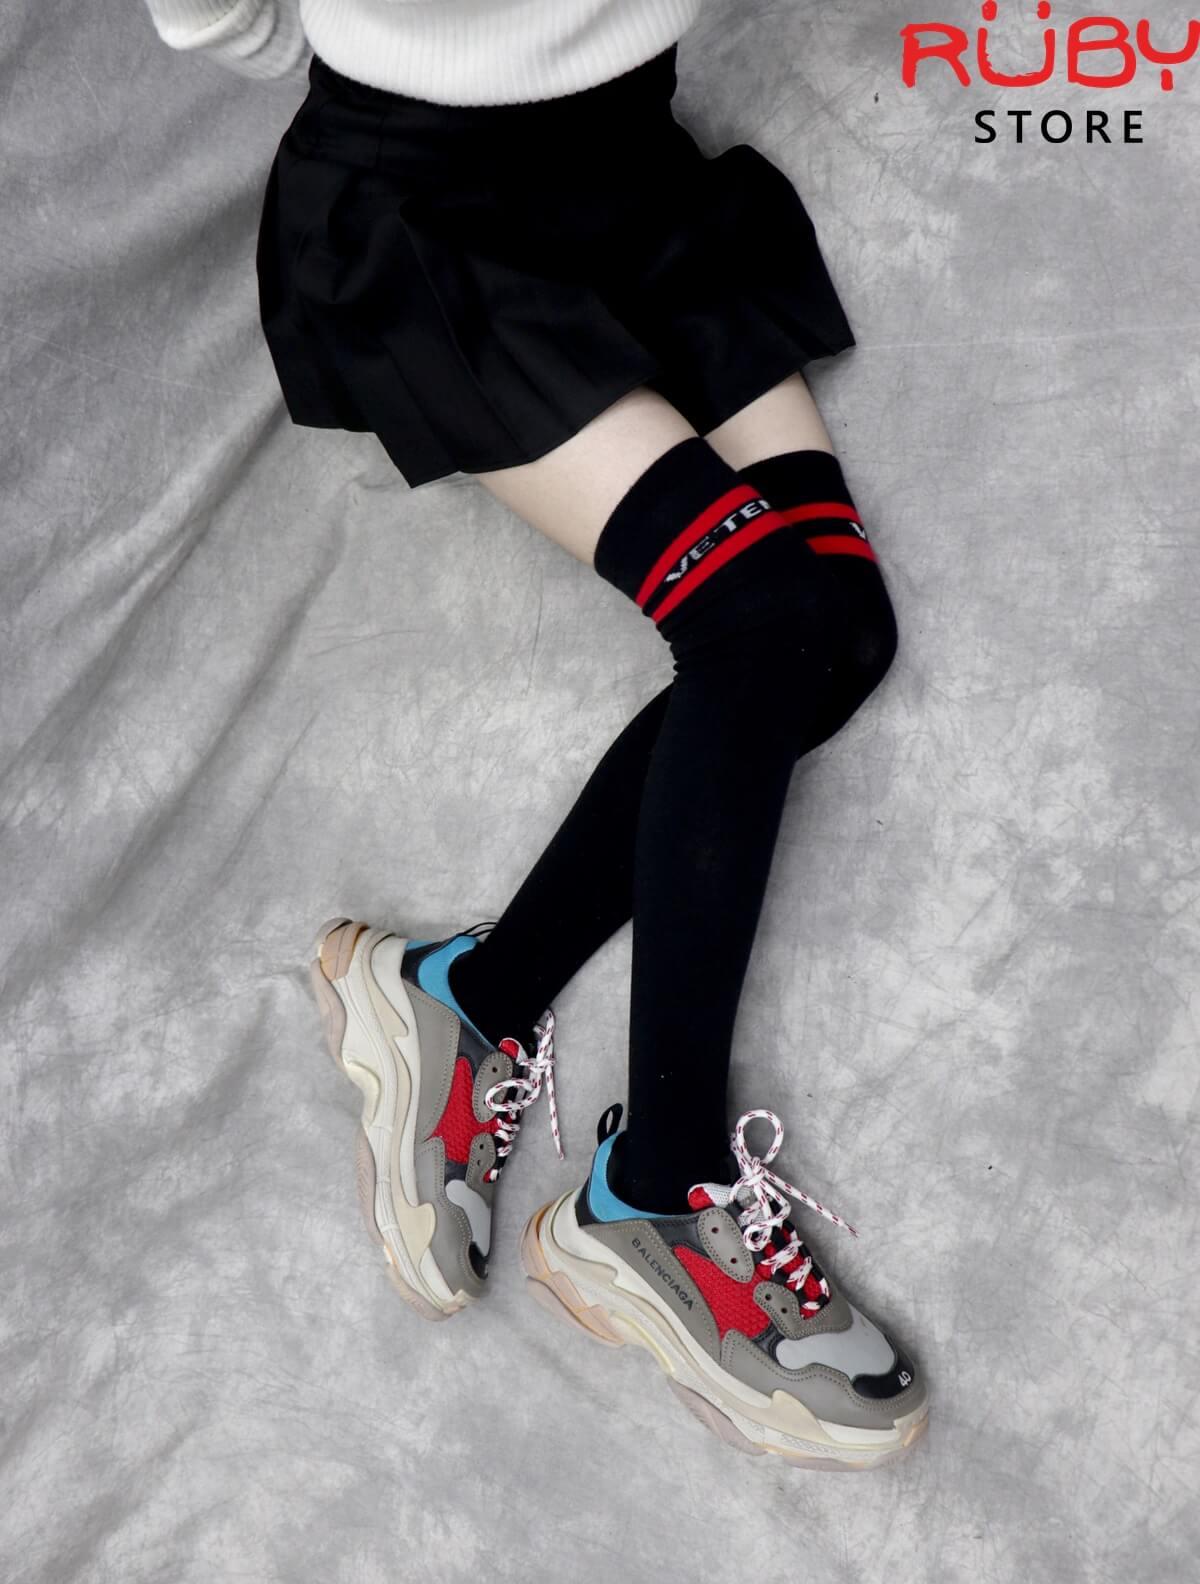 Phối đồ Đôi giày Balenciaga Triple S xanh đỏ cho nữ